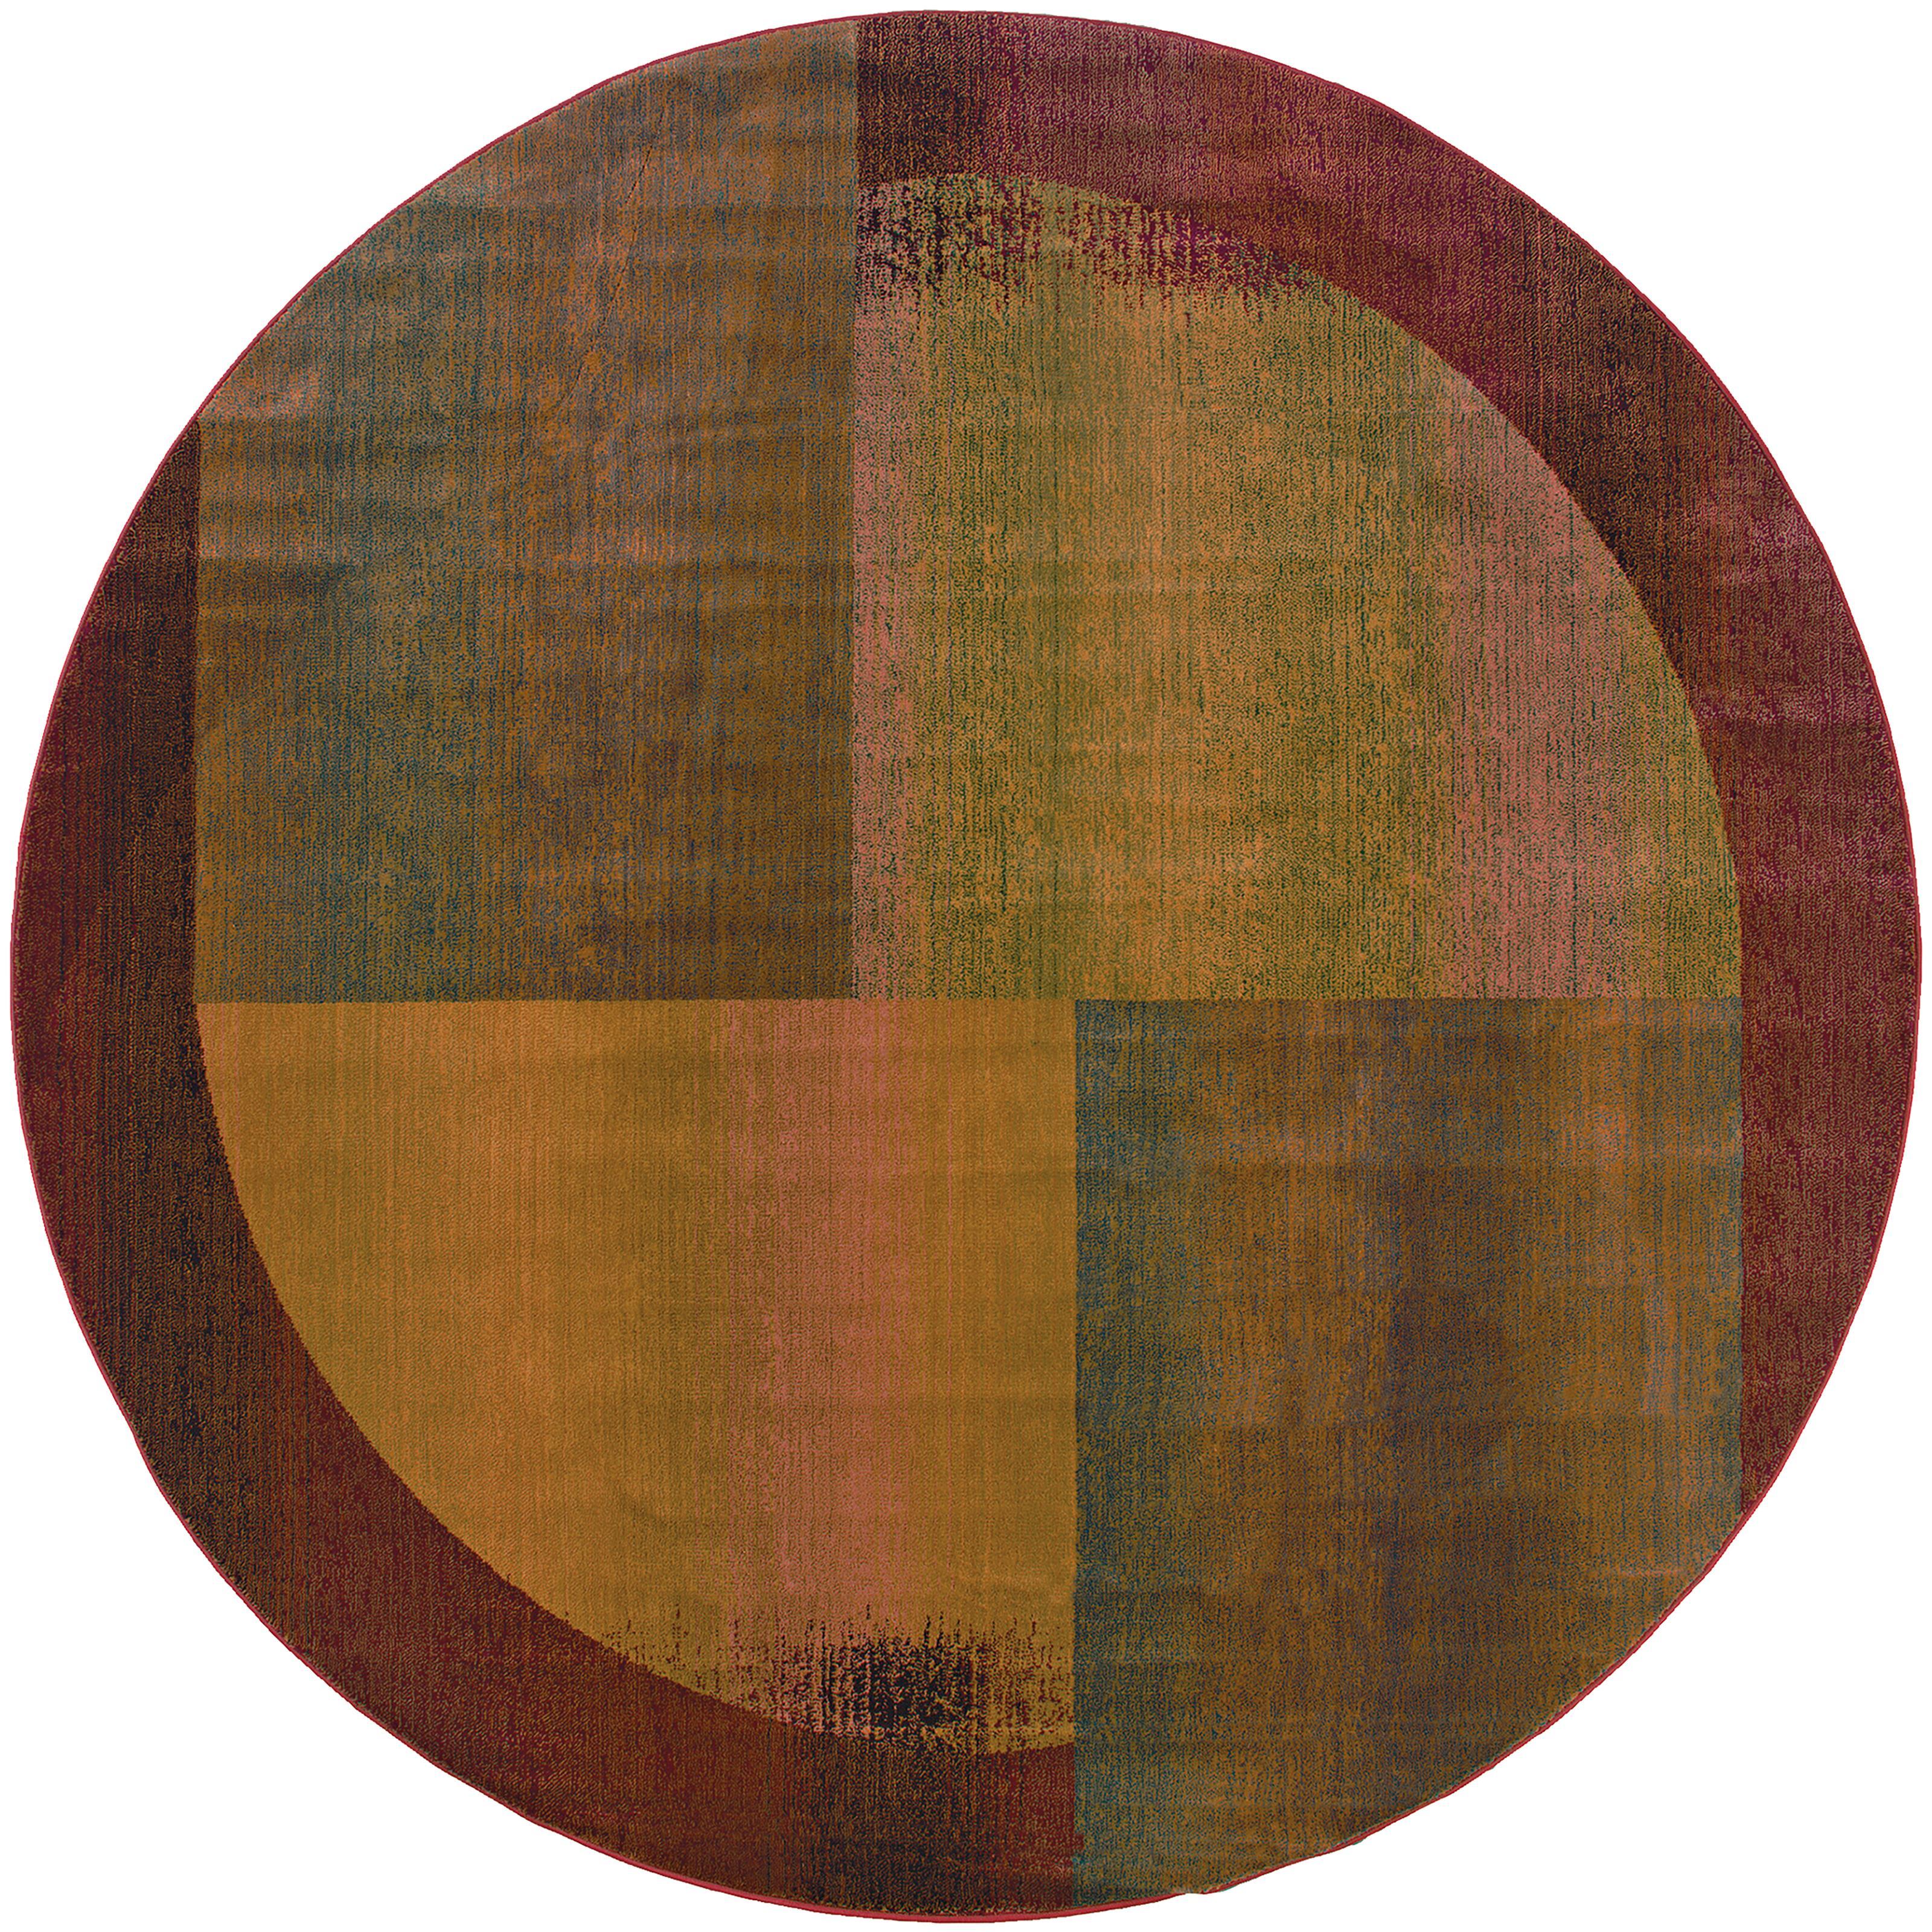 Oriental Weavers Kharma Ii 6' Rug - Item Number: K1092W180180ST